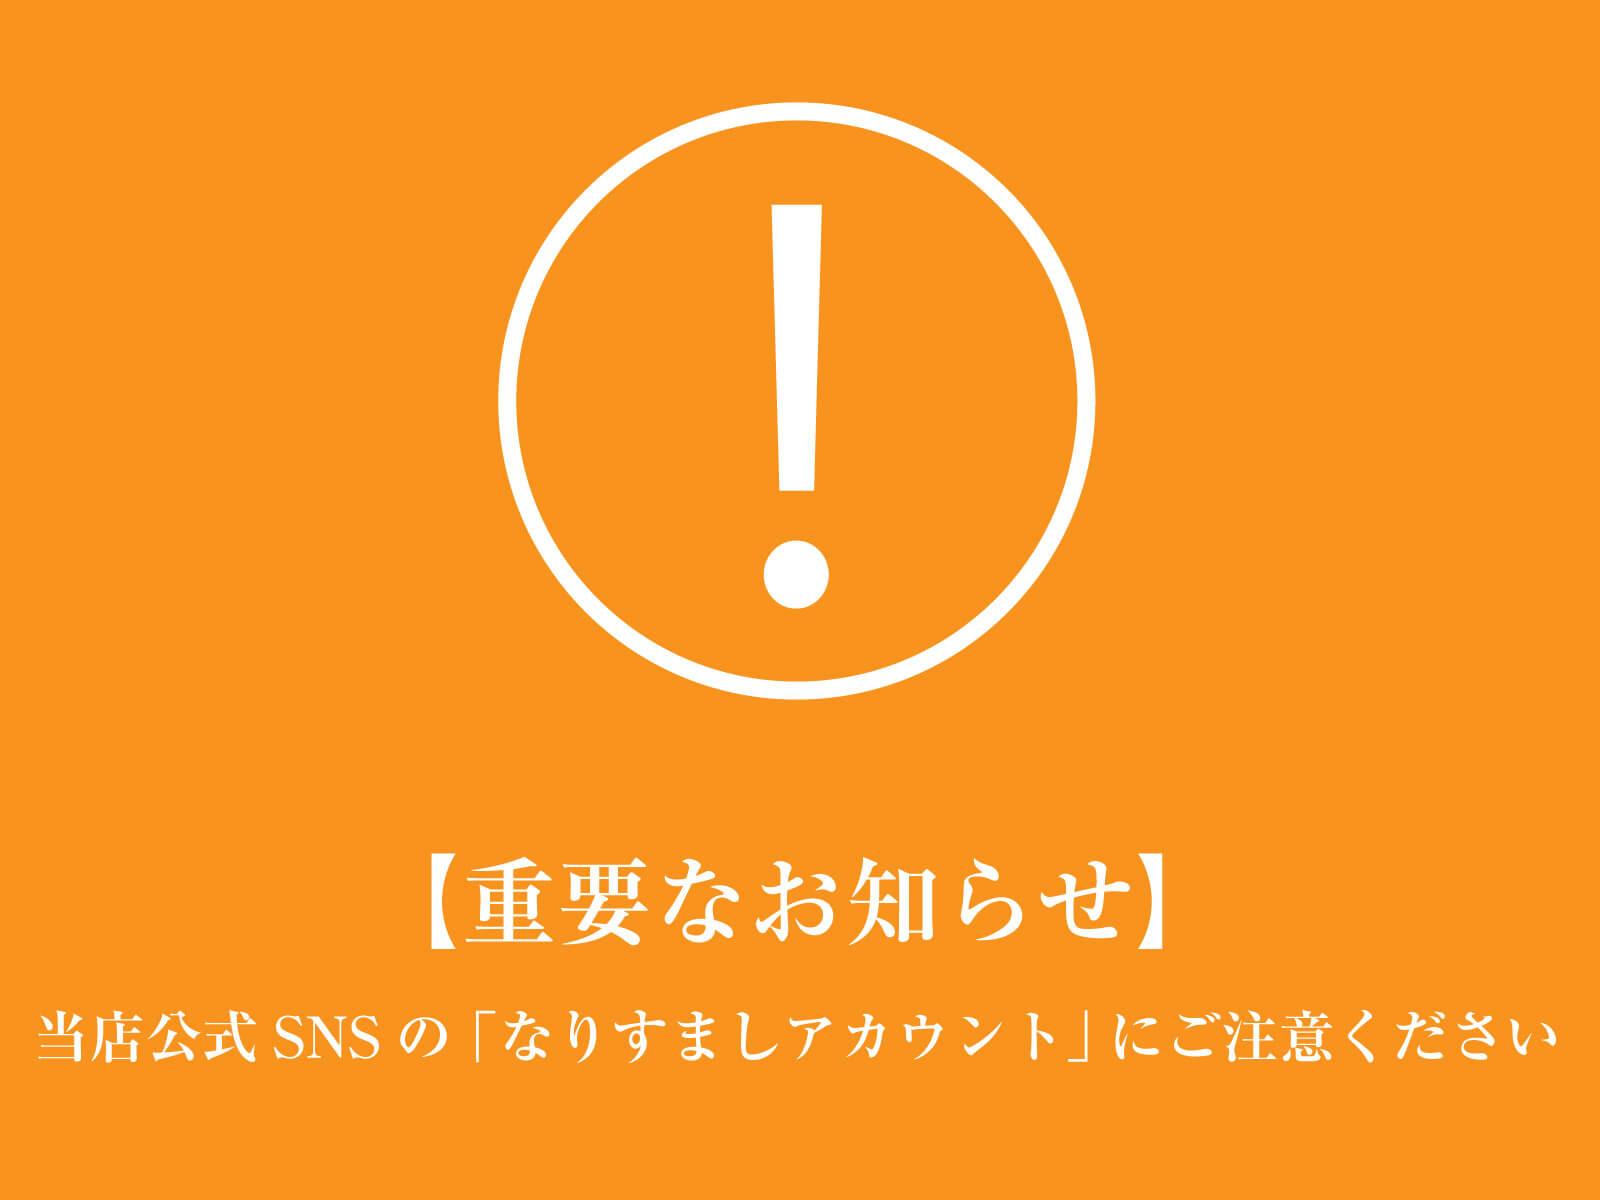 当店公式SNSの「なりすましアカウント」にご注意ください